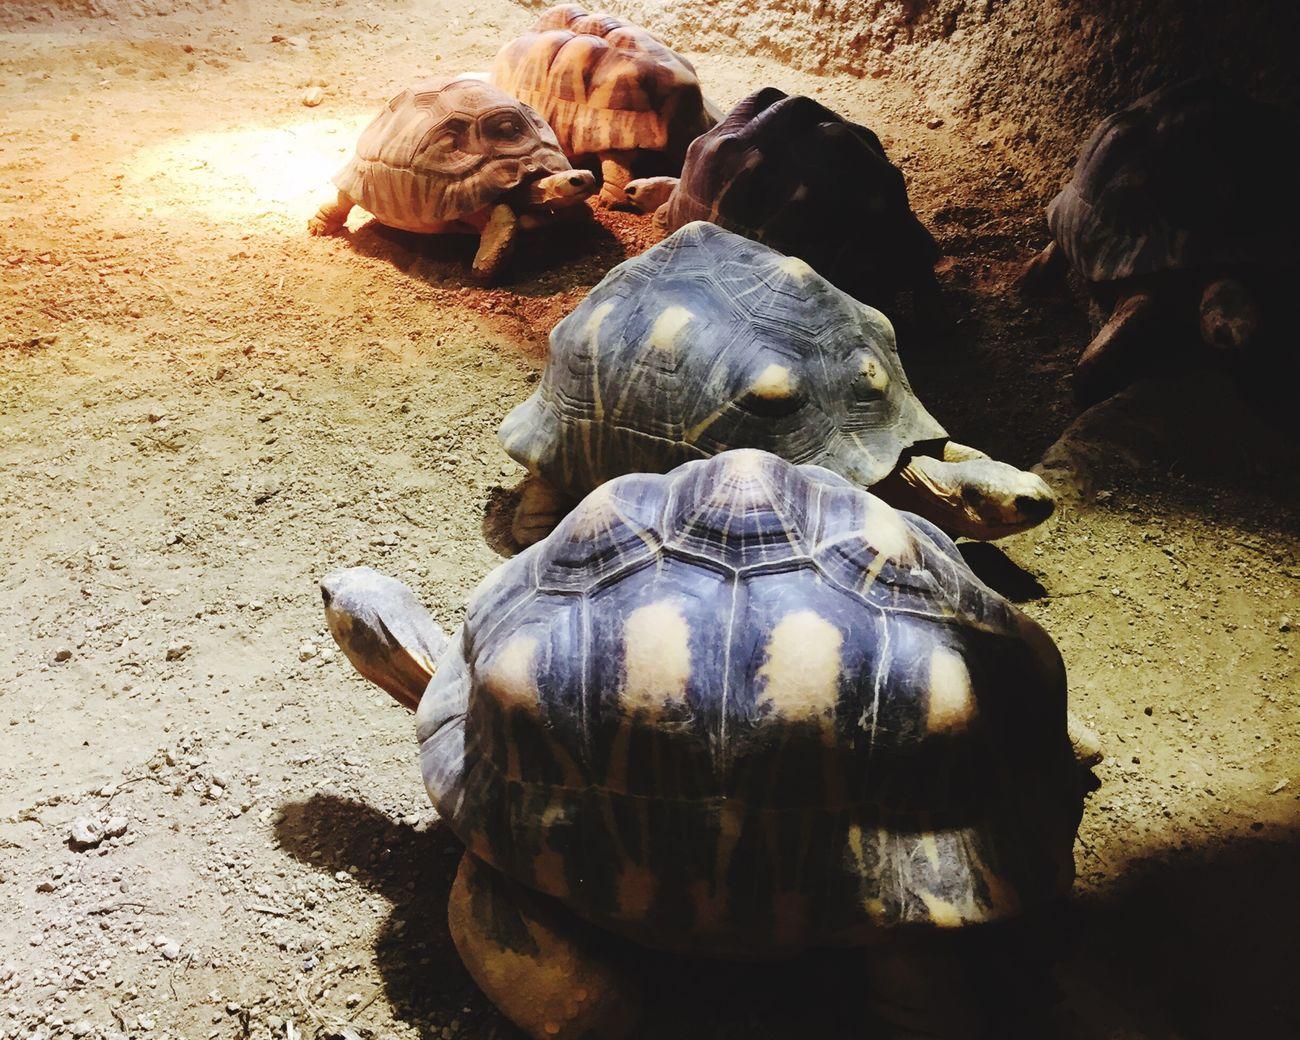 みんな集合🐢 EyeEm EyeEmJapan EyeEm Nature Lover Eyeem Animal Lovers Hello World Taking Photos By Me Kyotocityzoo 京都市動物園 インドホシガメ Indian Starred Tortoises Red List Least Concern レッドリスト 密輸はやめて Reptiles Turtles リクガメ